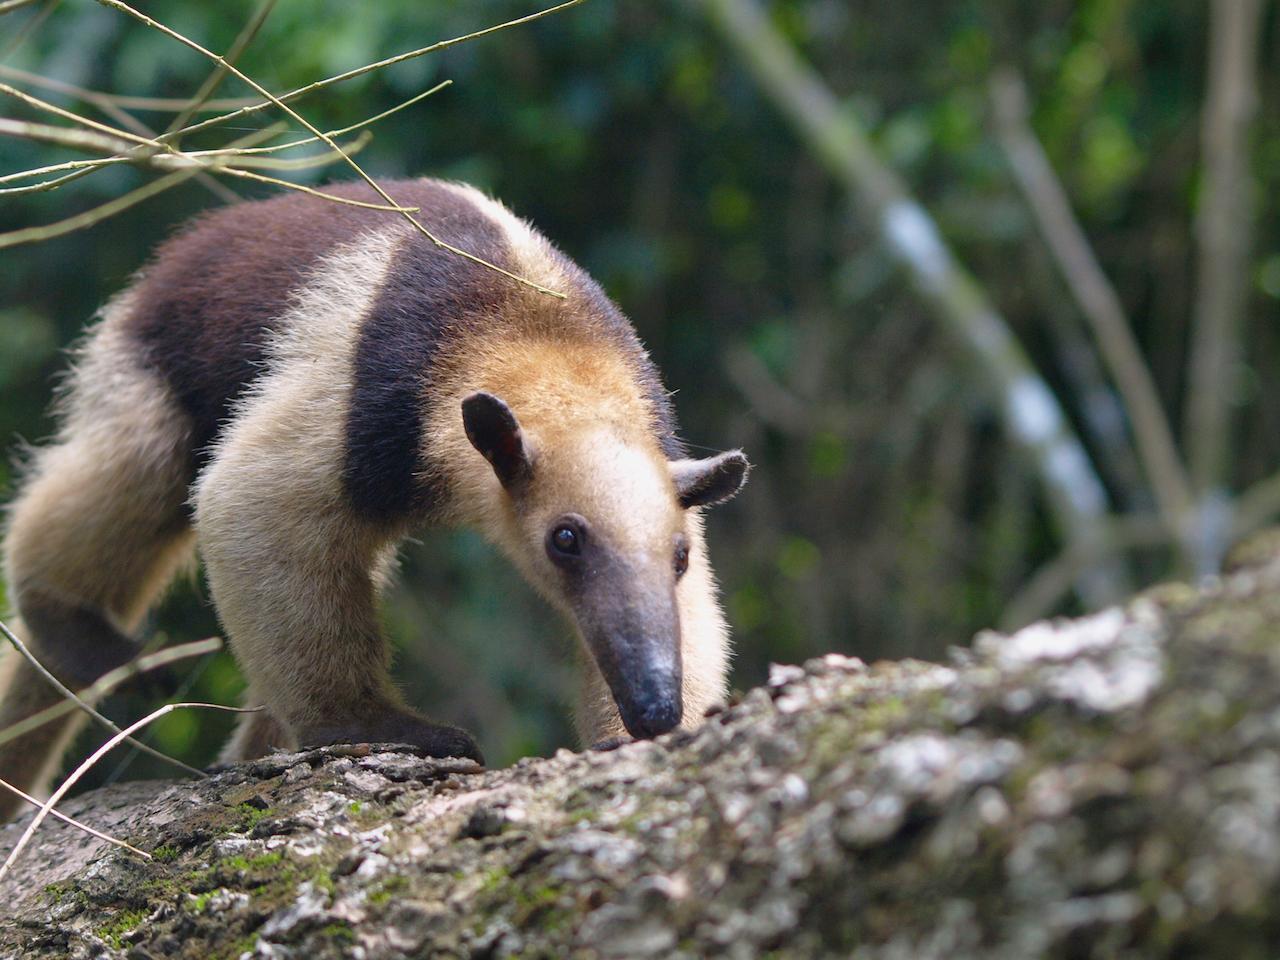 Tamandua gehört zu den Ameisenbären